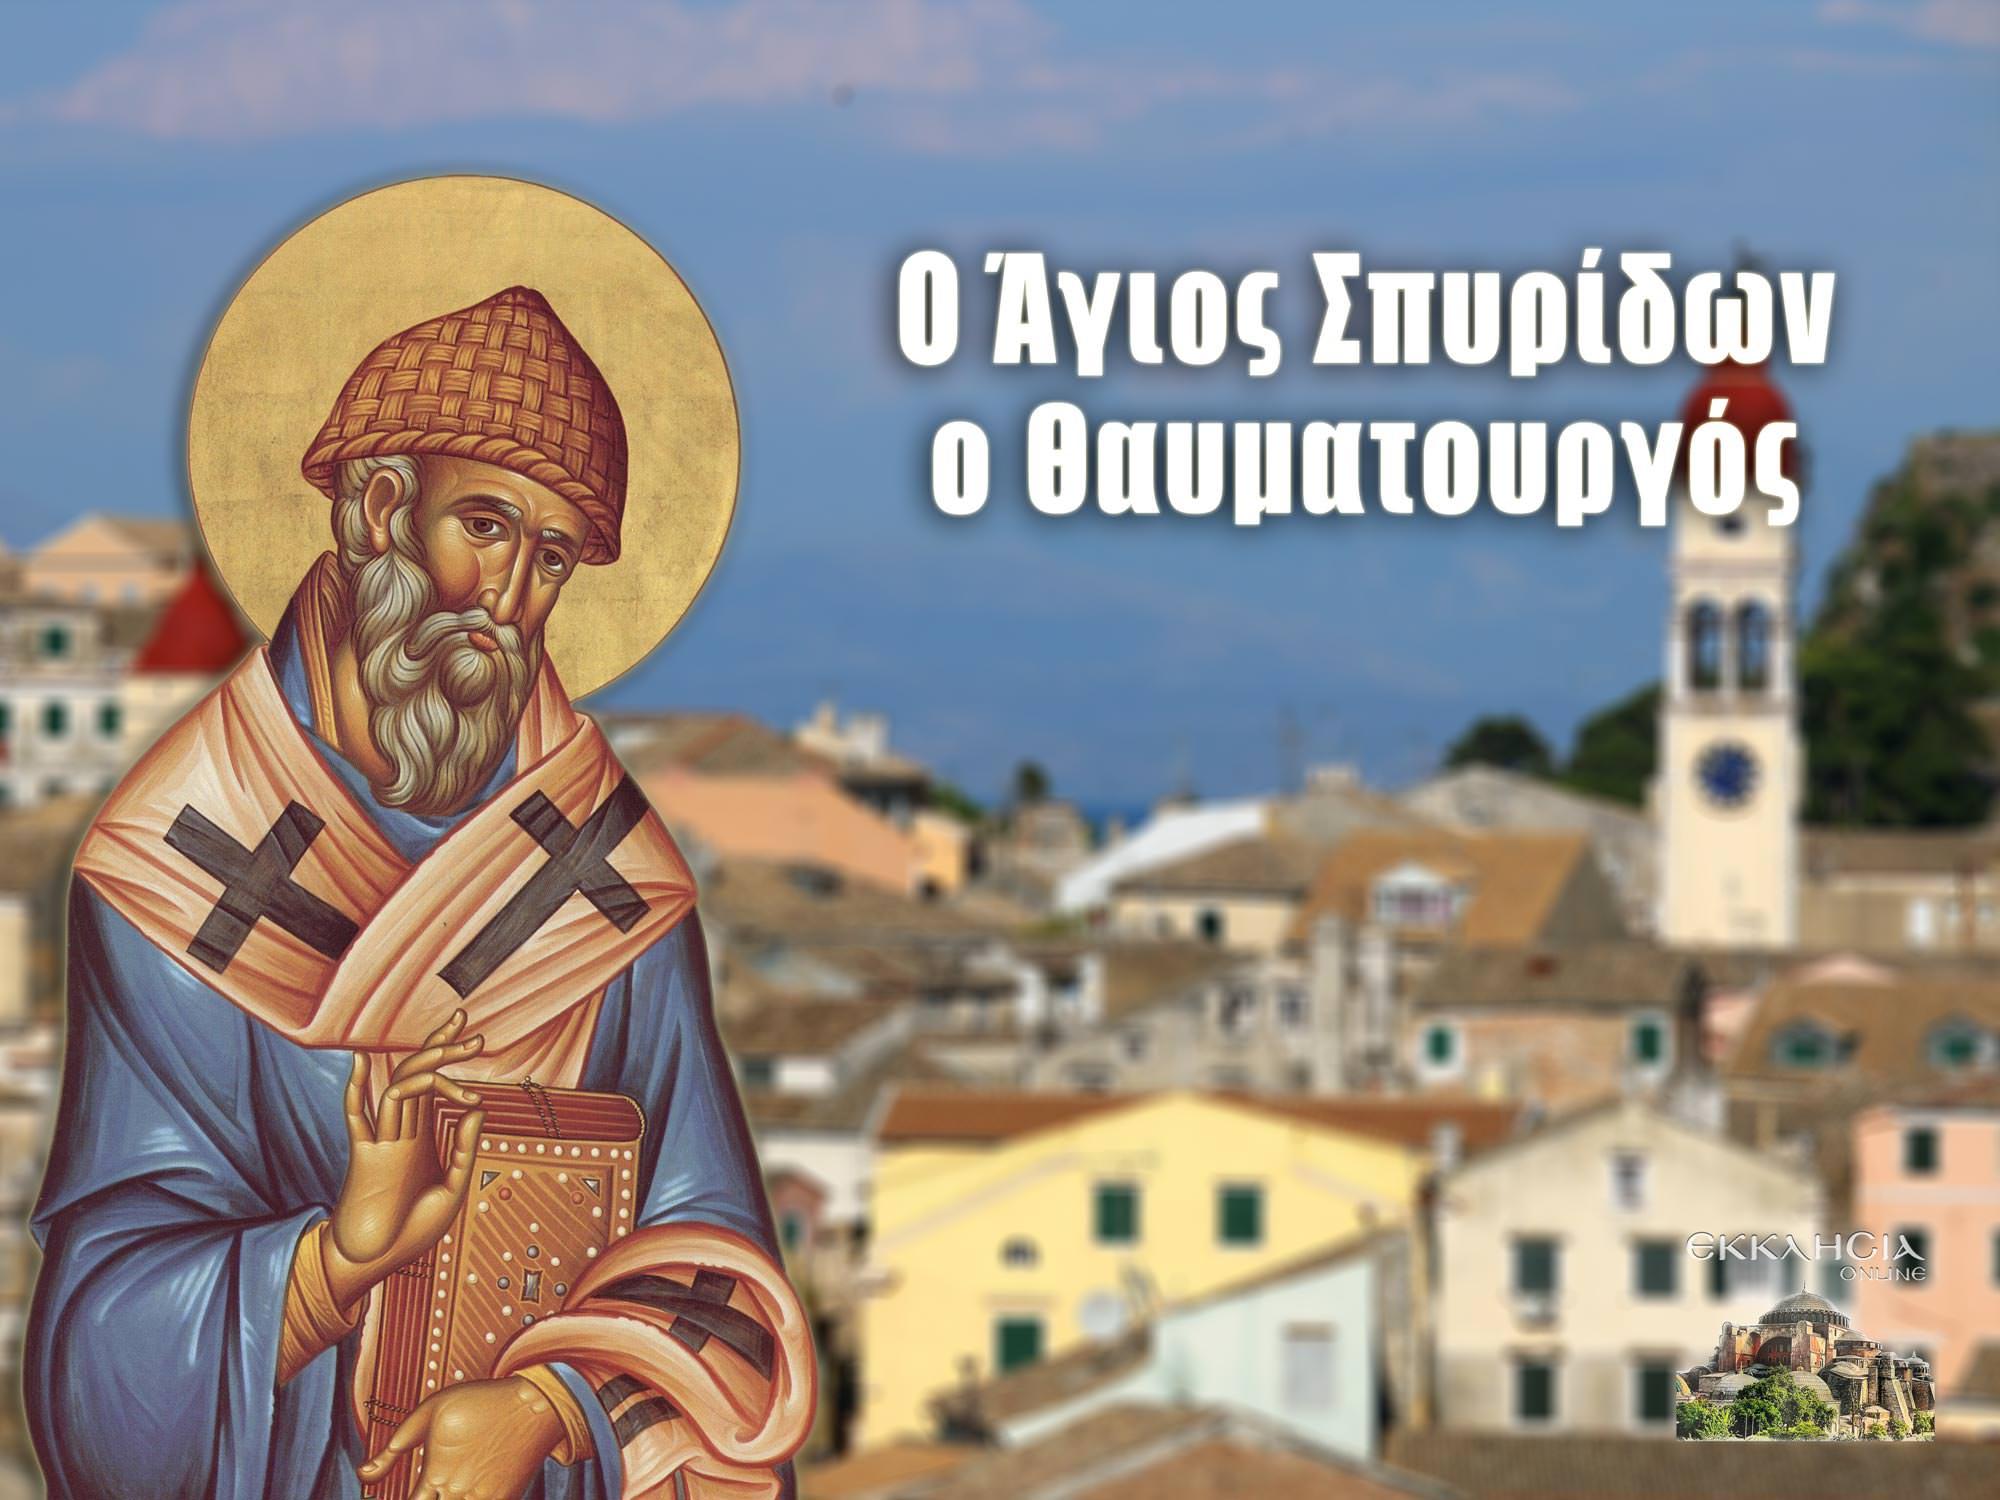 Άγιος Σπυρίδων 12 Δεκεμβρίου